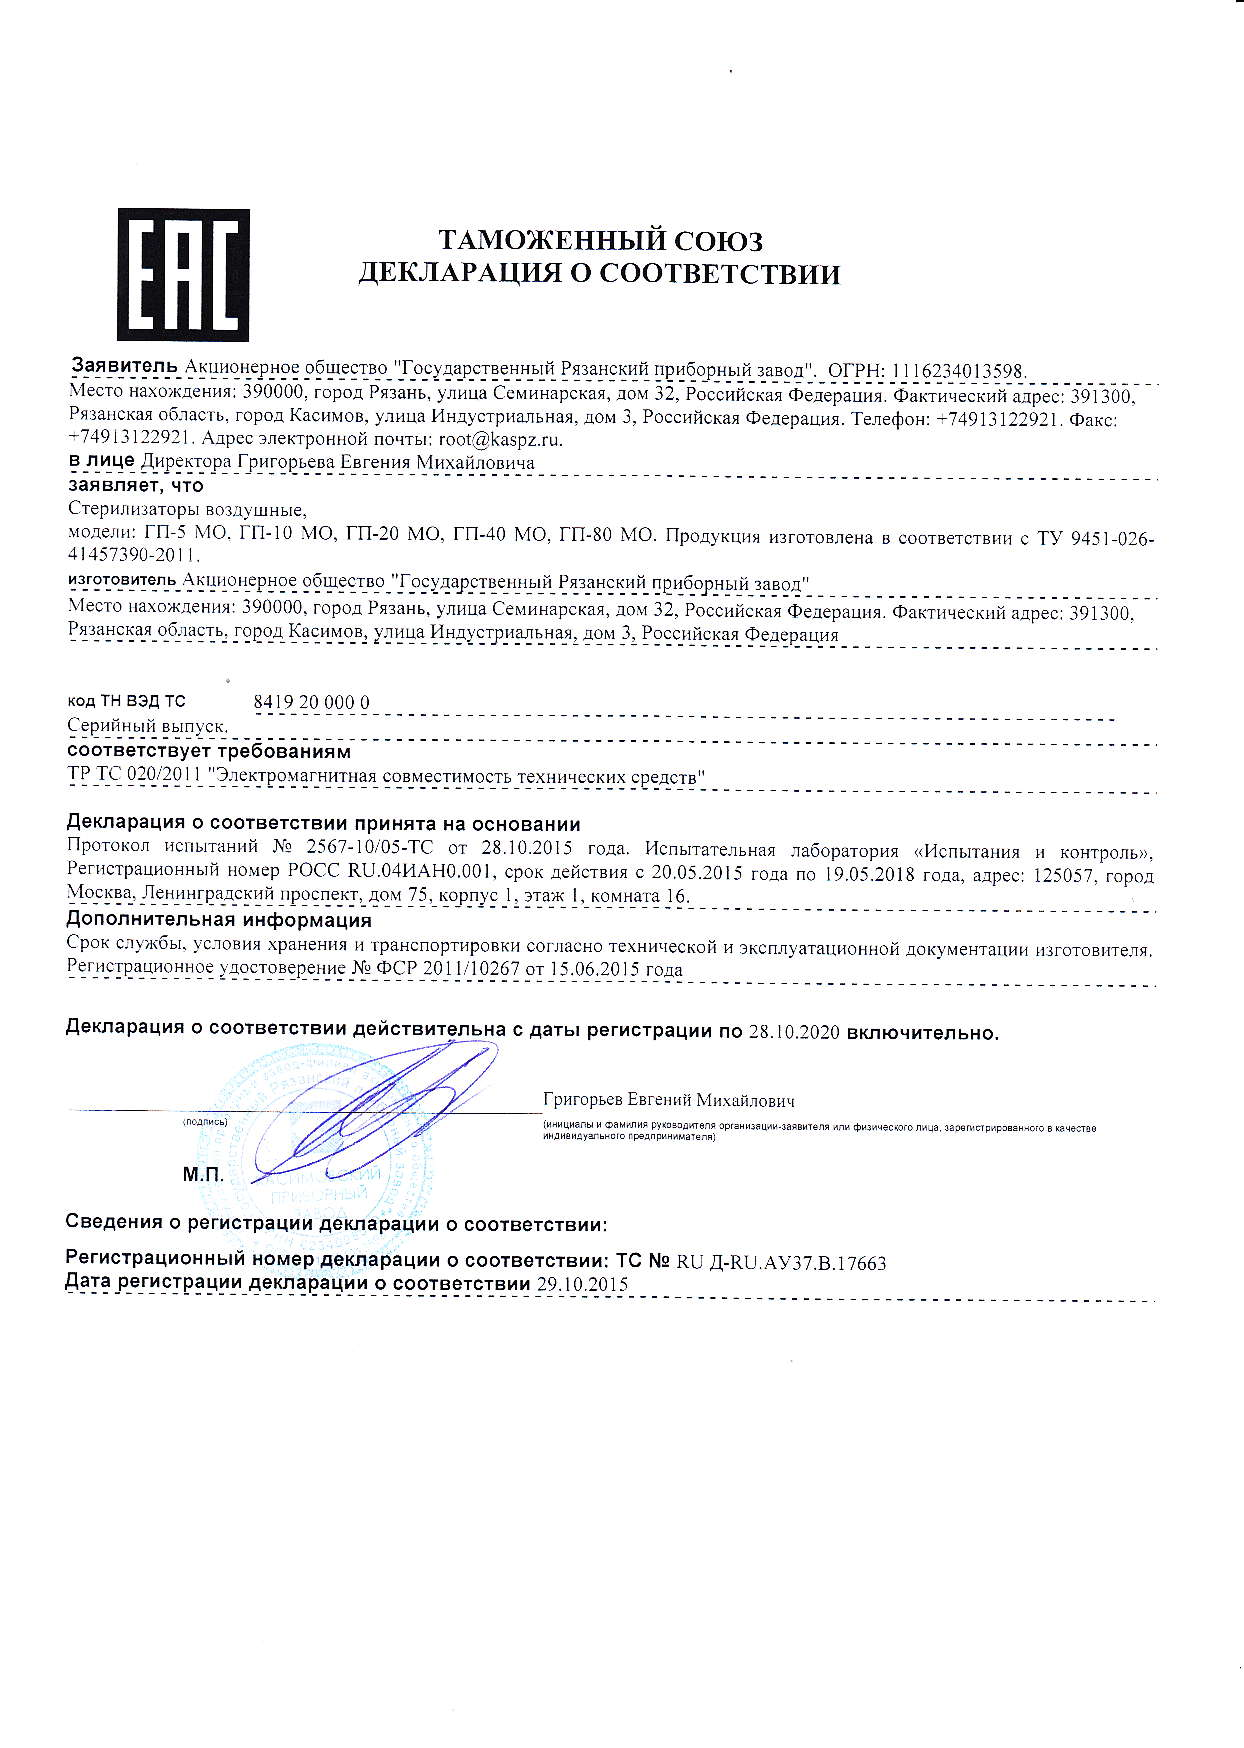 Сухожаровой шкаф ГП-40 МО